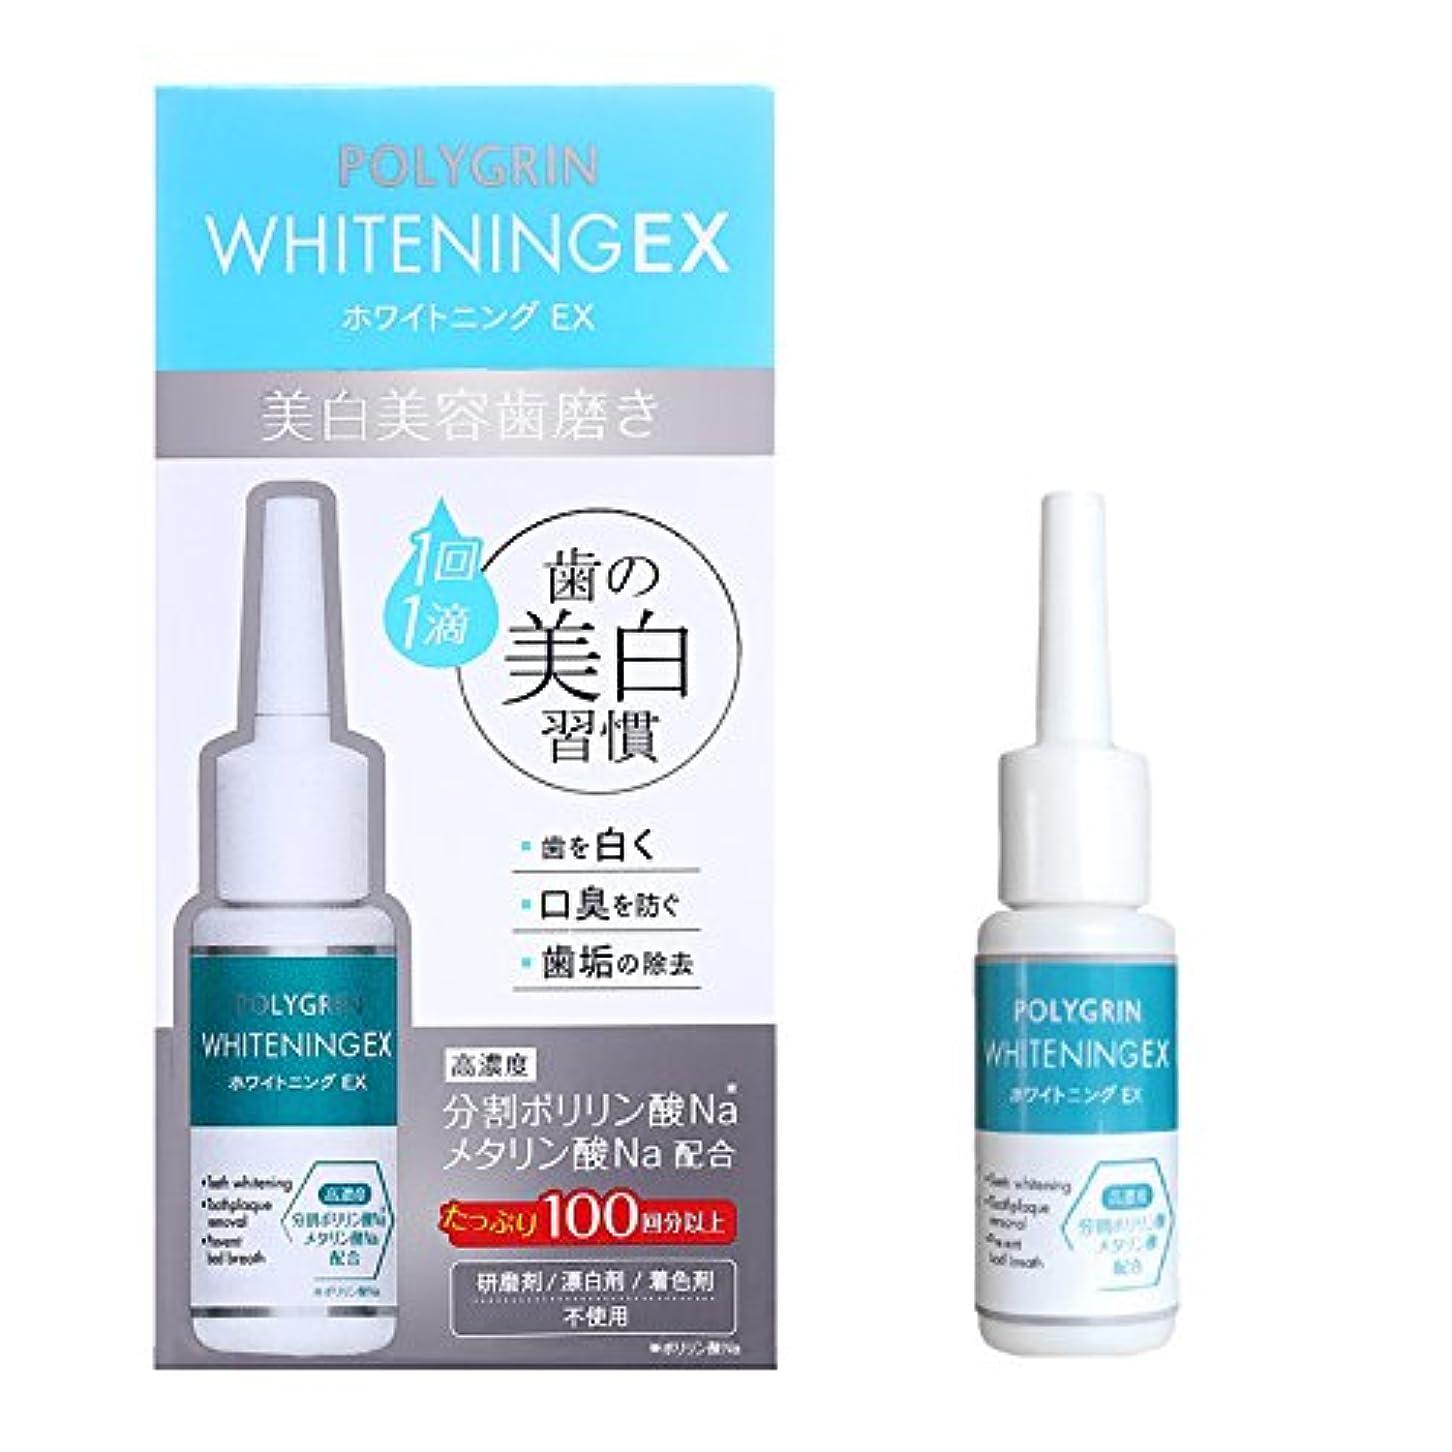 弱まるタクト柔らかいポリグリン(POLYGRIN) ホワイトニングEX 10ml